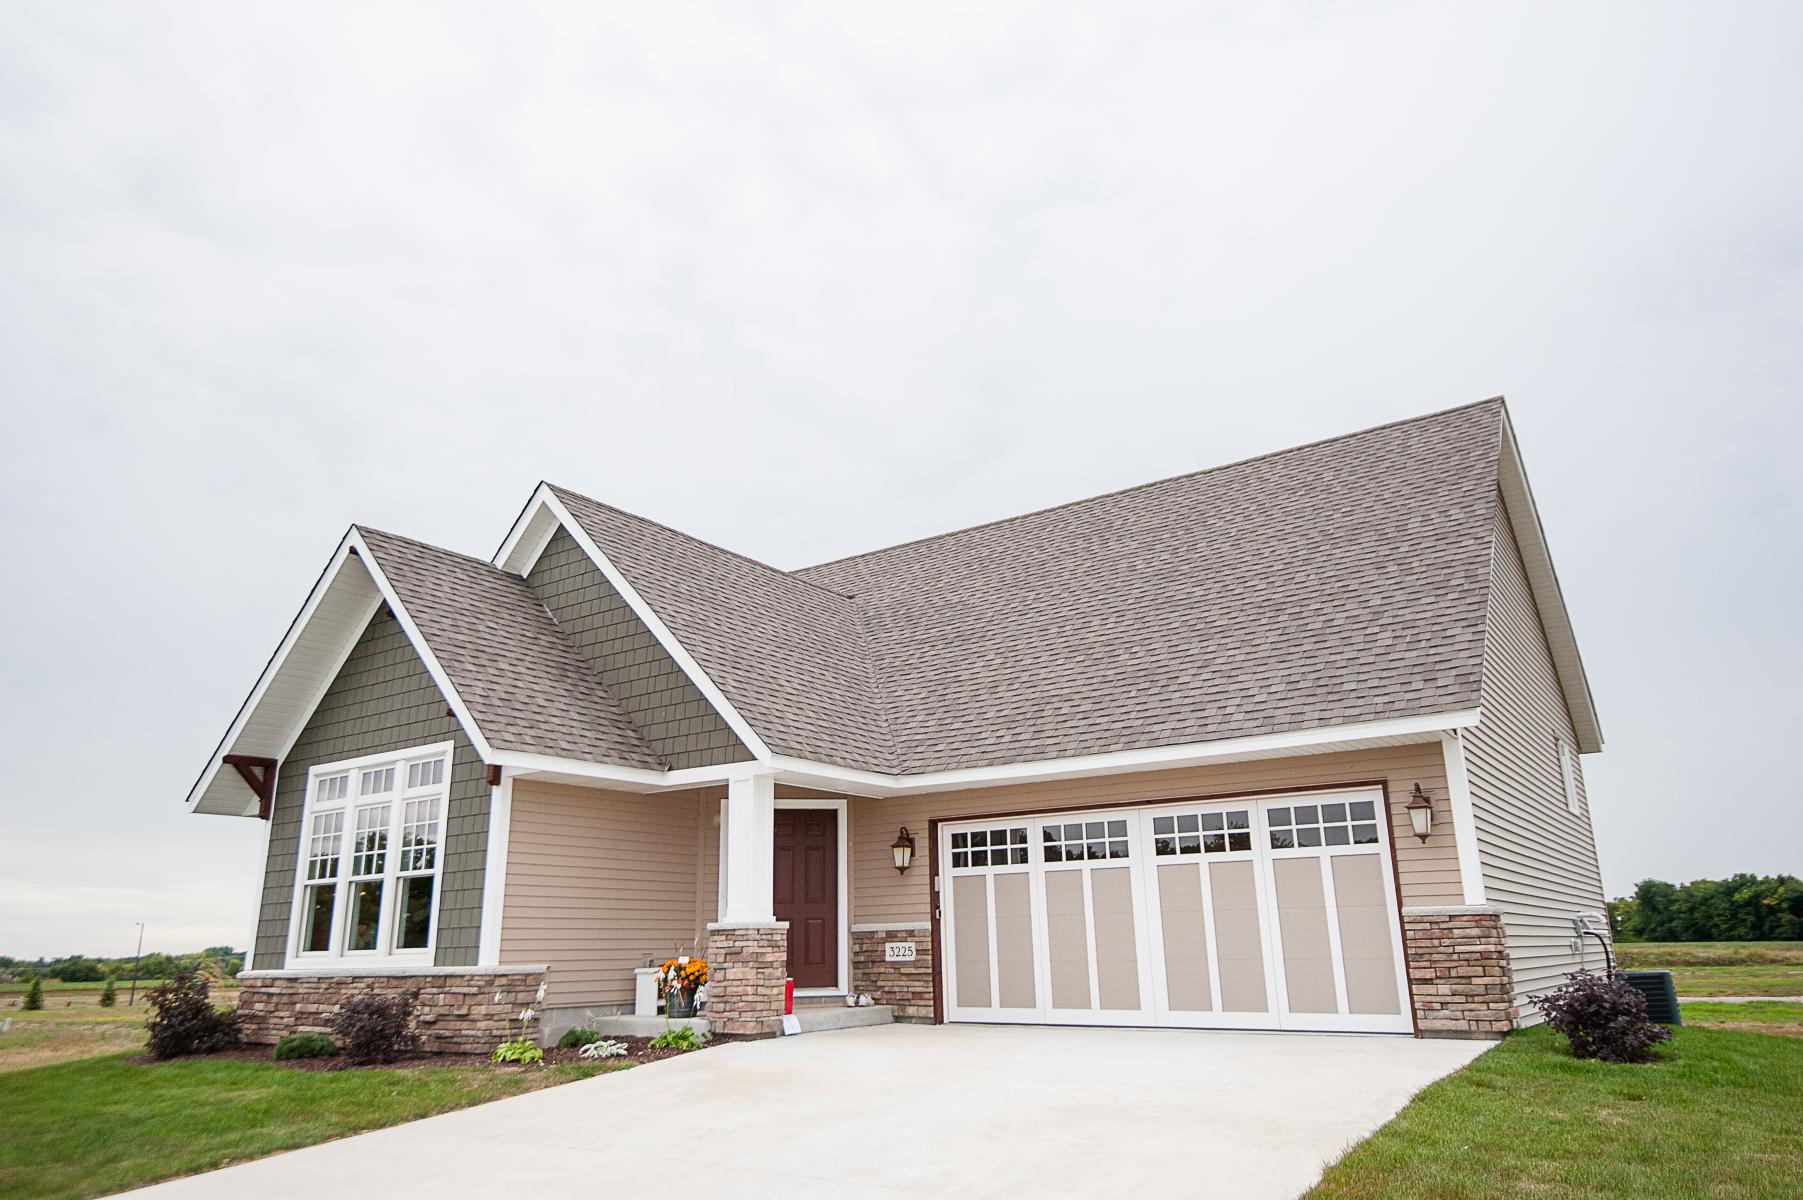 Ramsey house-4x6-8407.jpg